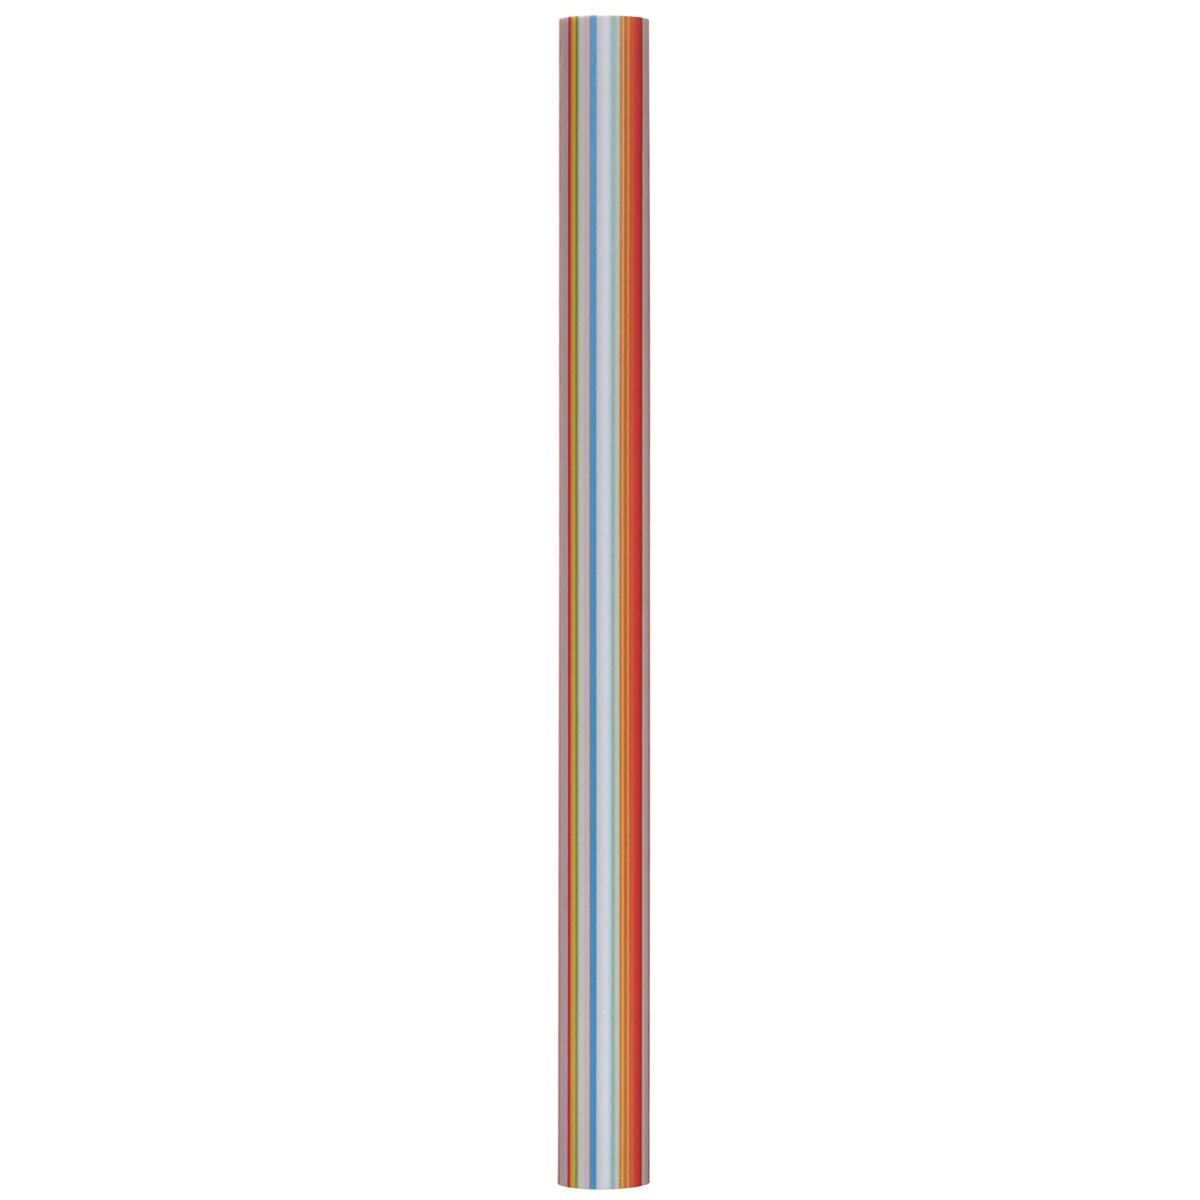 Транспарентная бумага Folia Яркие полосы, 50,5 x 70 смRSP-202SТранспарентная бумага Folia Яркие полосы - полупрозрачная бумага с оригинальным дизайном в виде разноцветных полос. Используется для изготовления открыток, для скрапбукинга и других декоративных или дизайнерских работ. Бумага прекрасно держит форму, не пачкает руки, отлично крепится. Конструирование из транспарентной бумаги - необходимый для развития детей процесс. Во время занятия аппликацией ребенок сумеет разработать четкость движений, ловкость пальцев, аккуратность и внимательность. Кроме того, транспарентная бумага позволит разнообразить идеи ребенка при создании творческих работ.